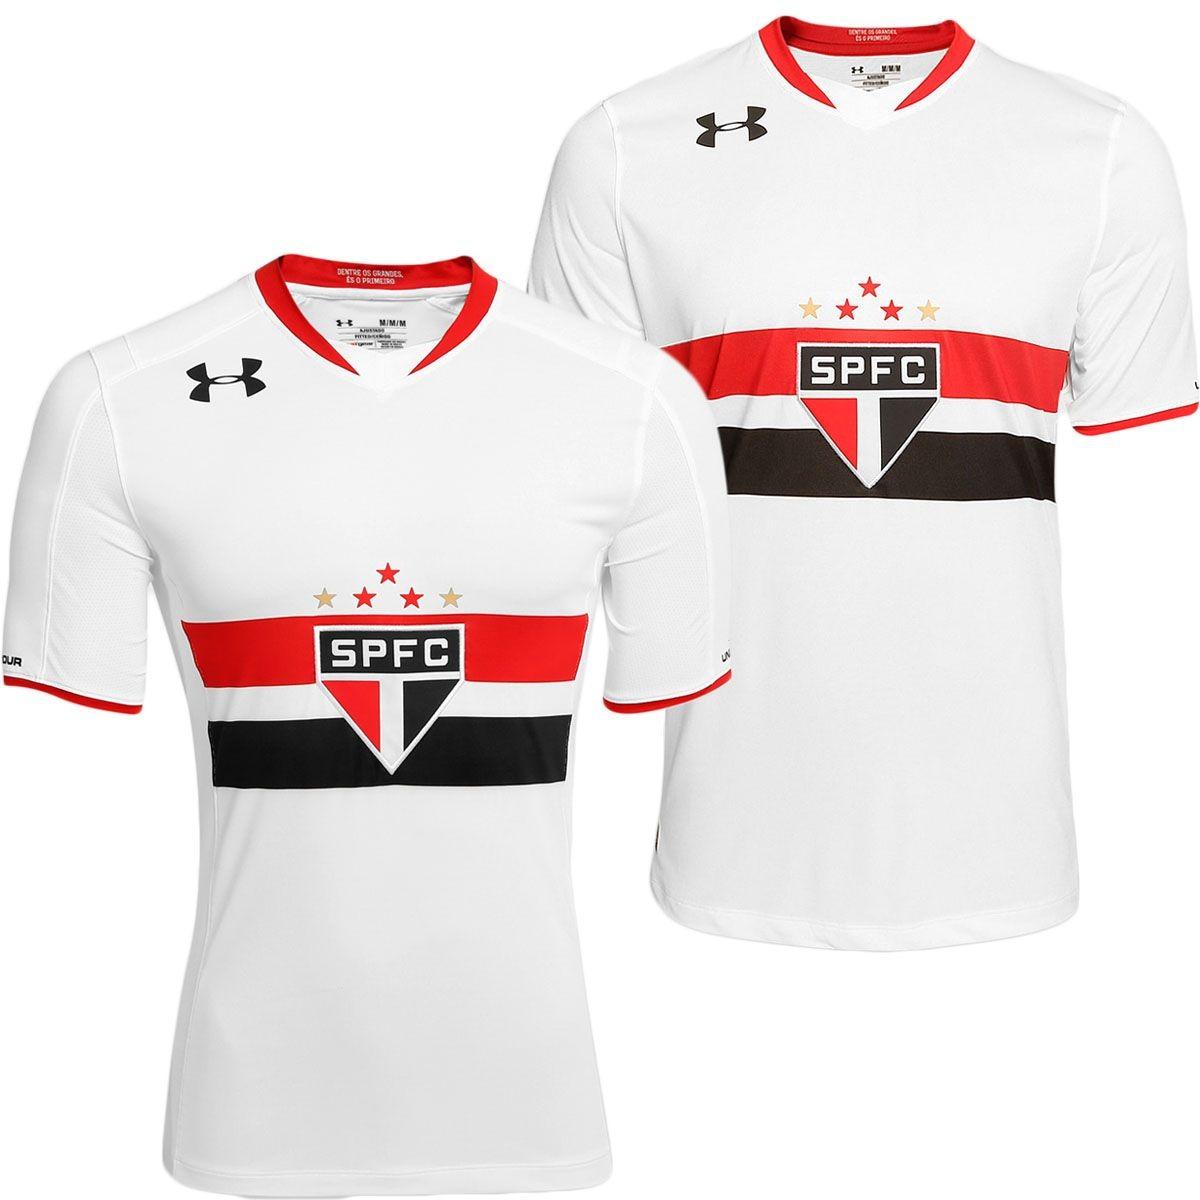 8f2869865ac ... camisas são paulo jogador+torcedor under armor s nº. Carregando zoom.